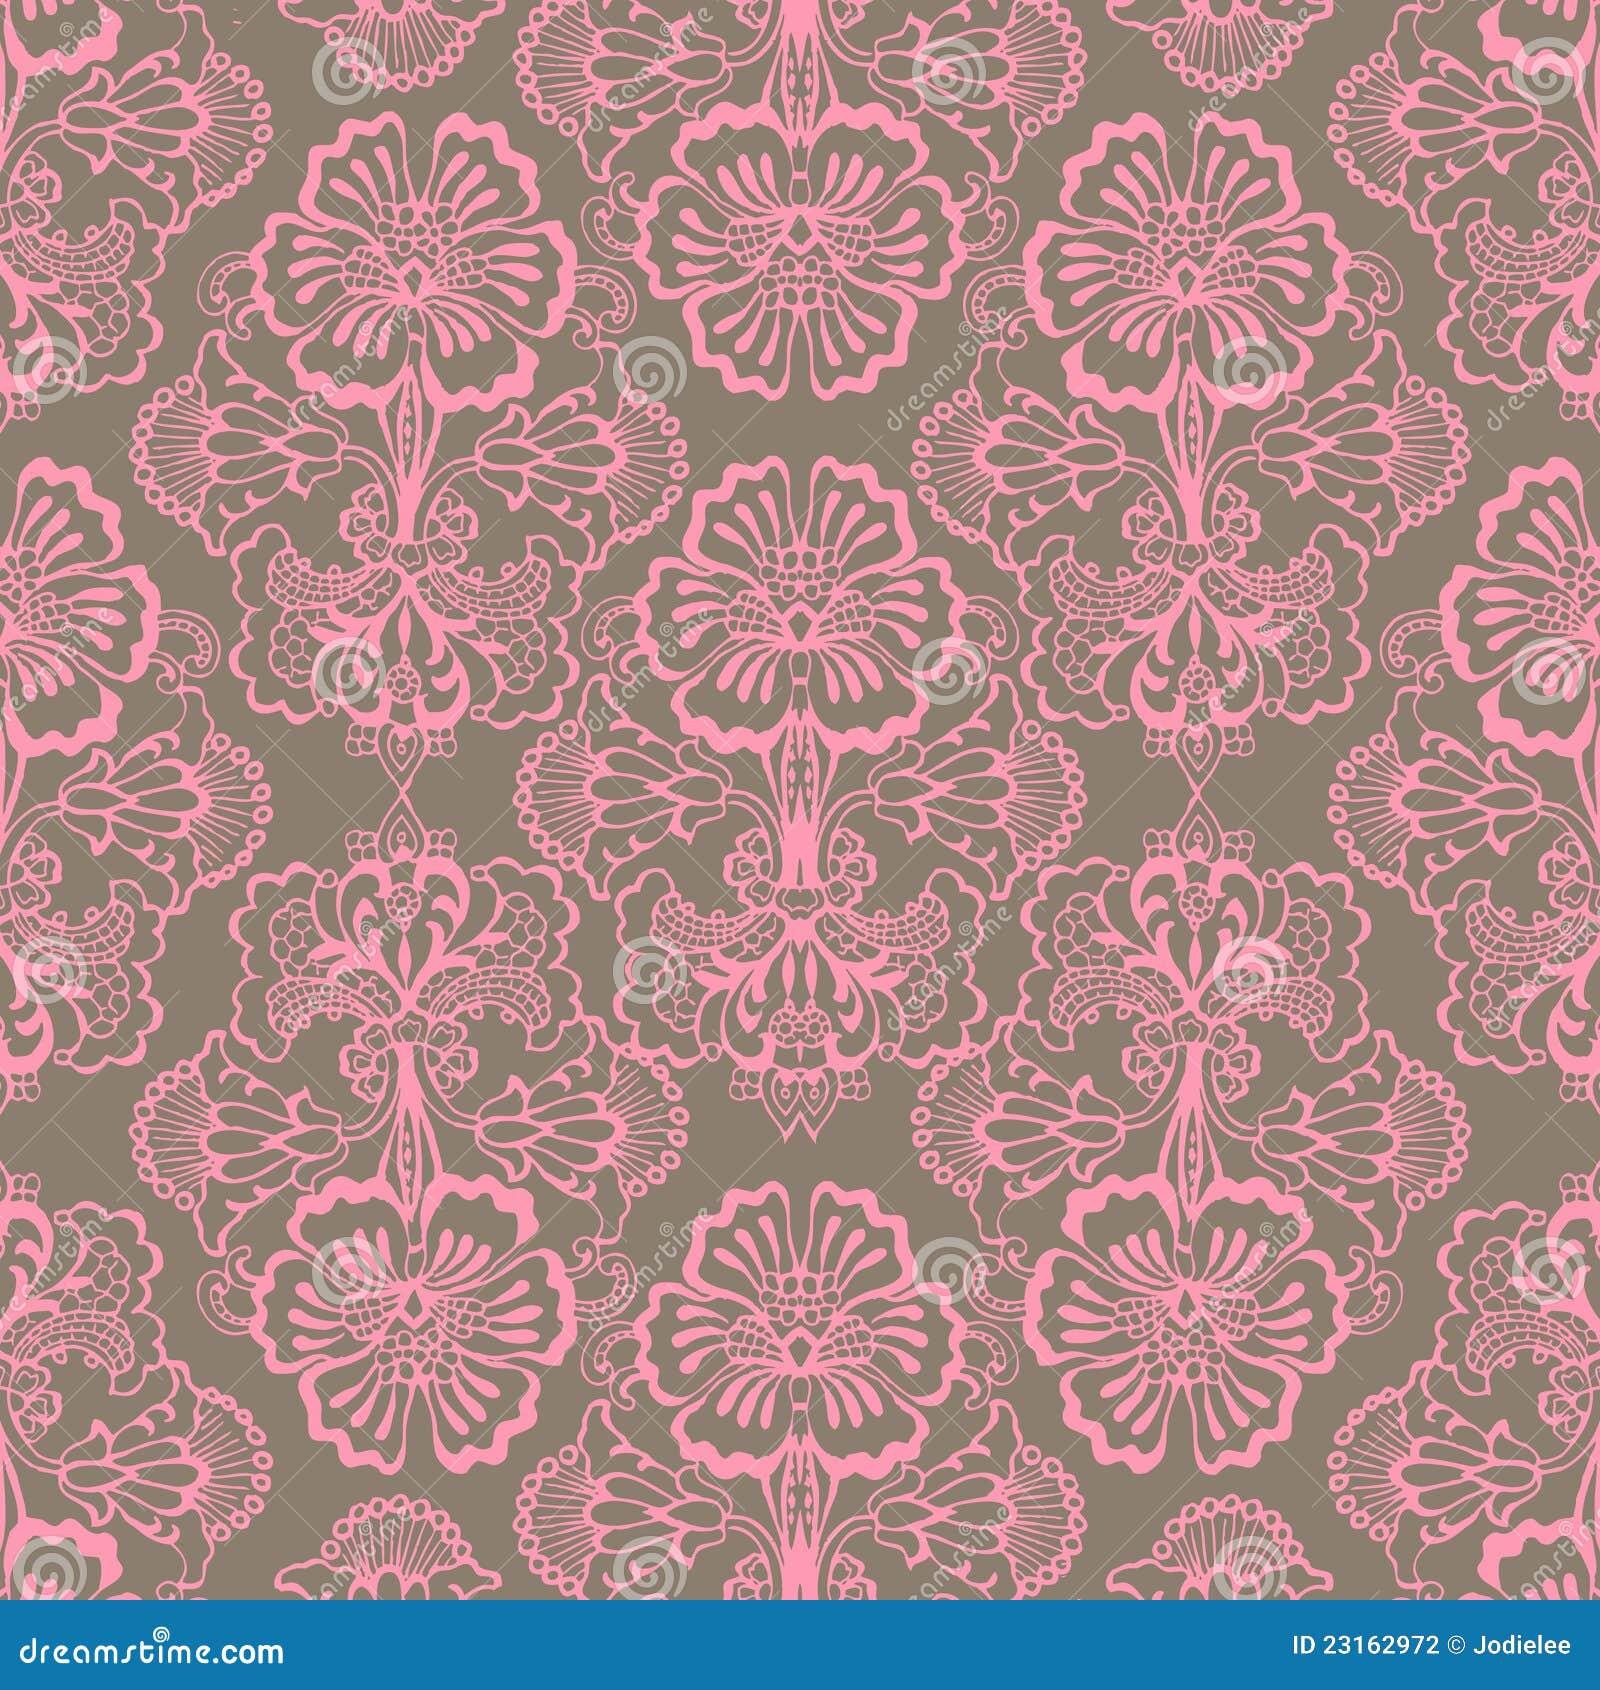 粉红色和布朗脏的葡萄酒花背景